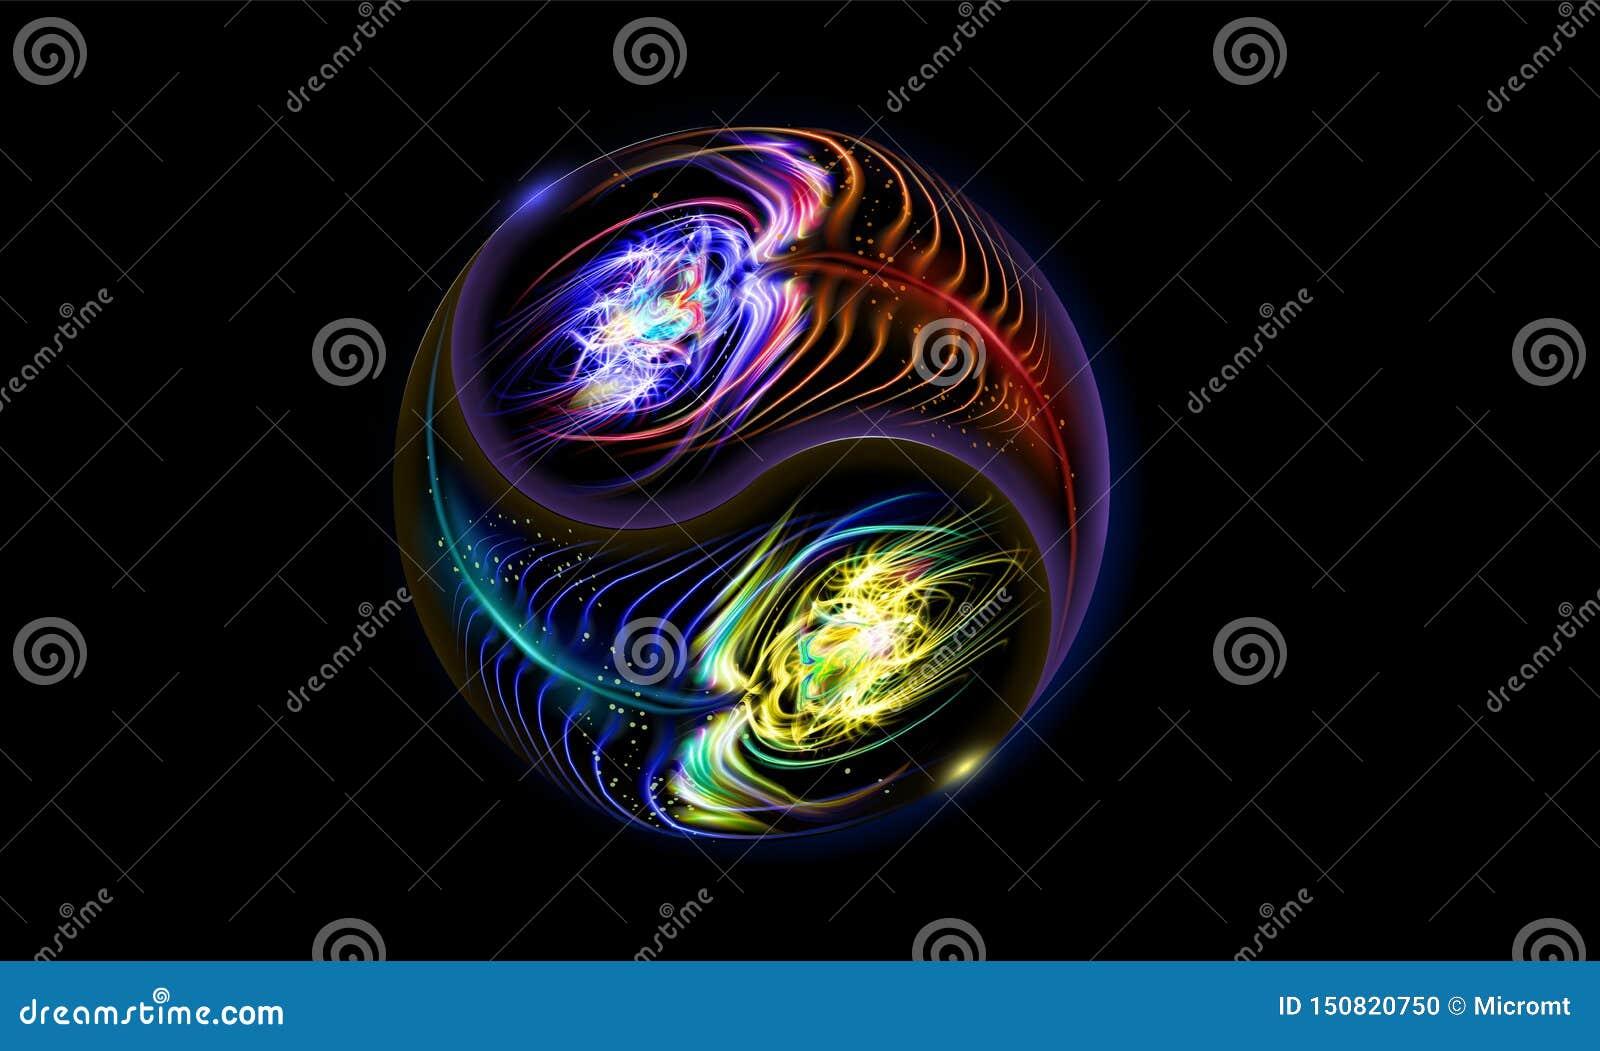 Σύγχρονη πυράκτωση μπλε, κόκκινα κοσμικά Yin και mandala Yang Διακοσμητική πνευματική χαλάρωση Σχέδιο διακοσμήσεων φωτισμού r